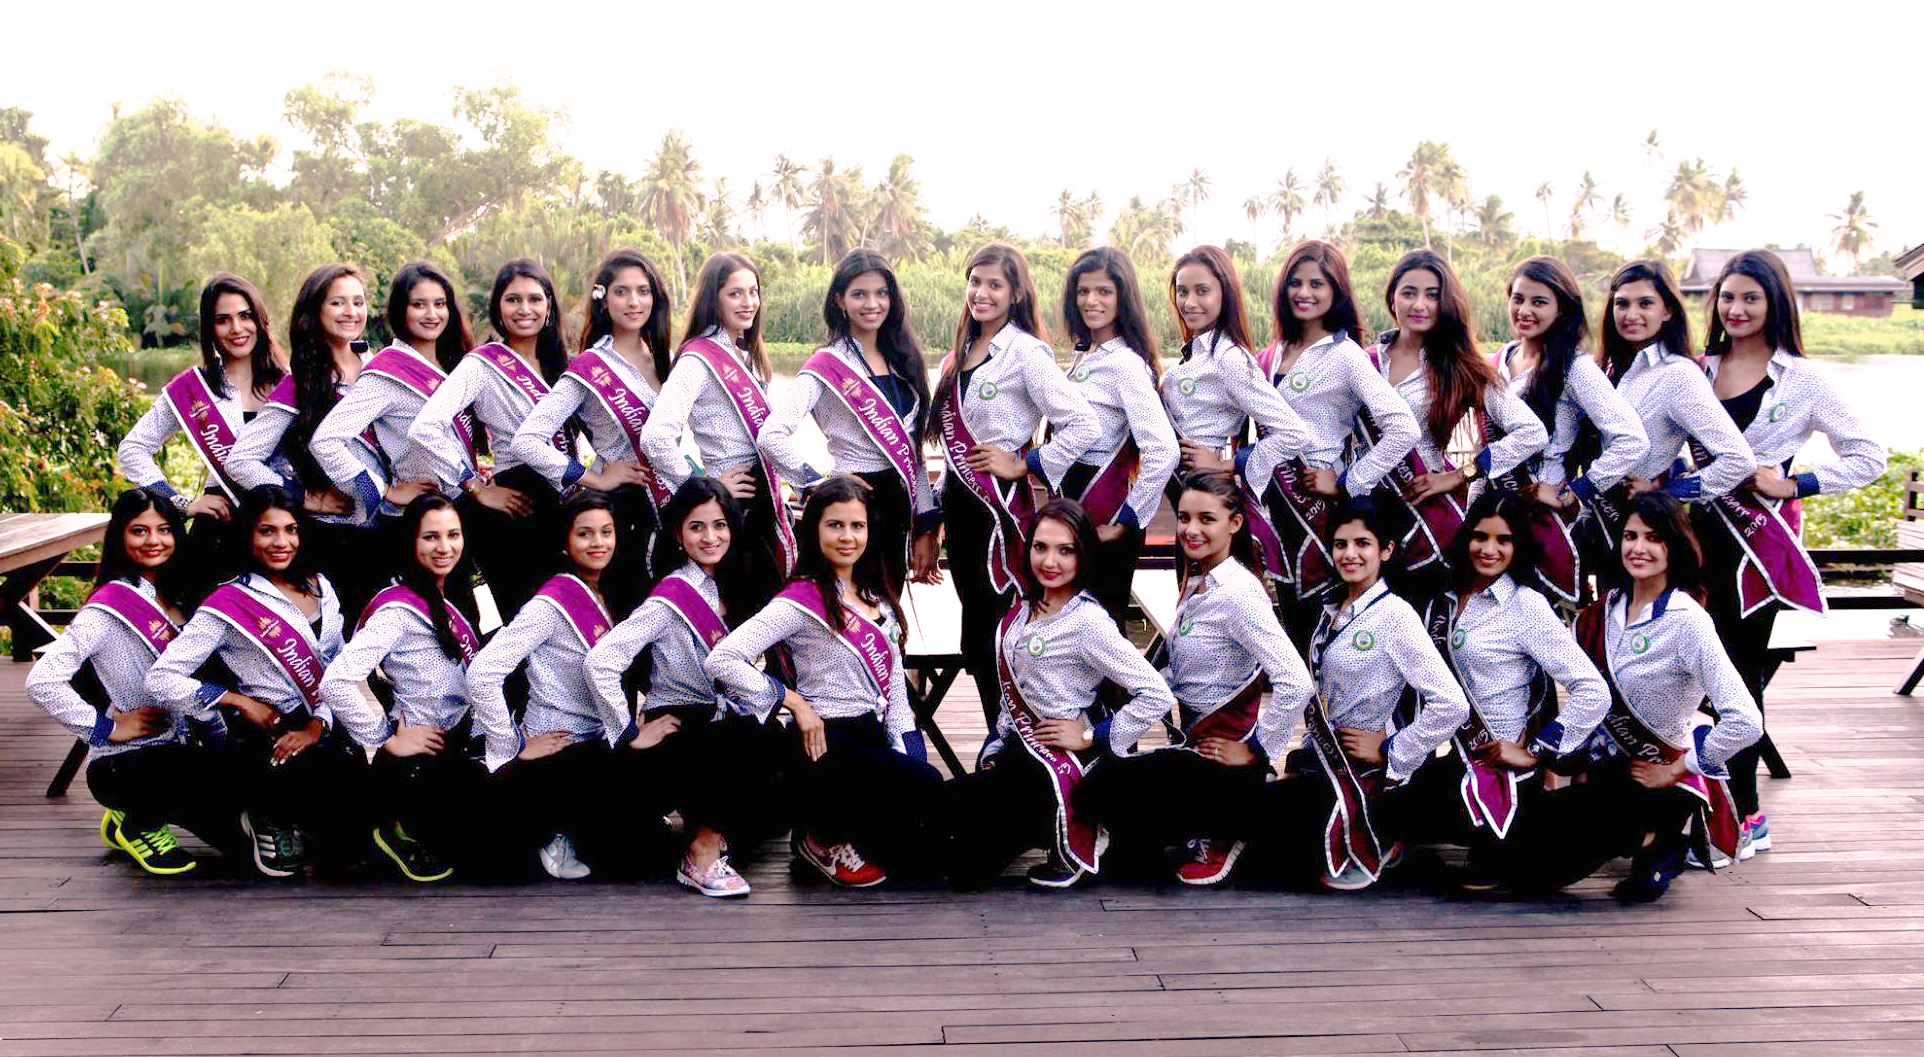 Groepsfoto Indian princes 2015